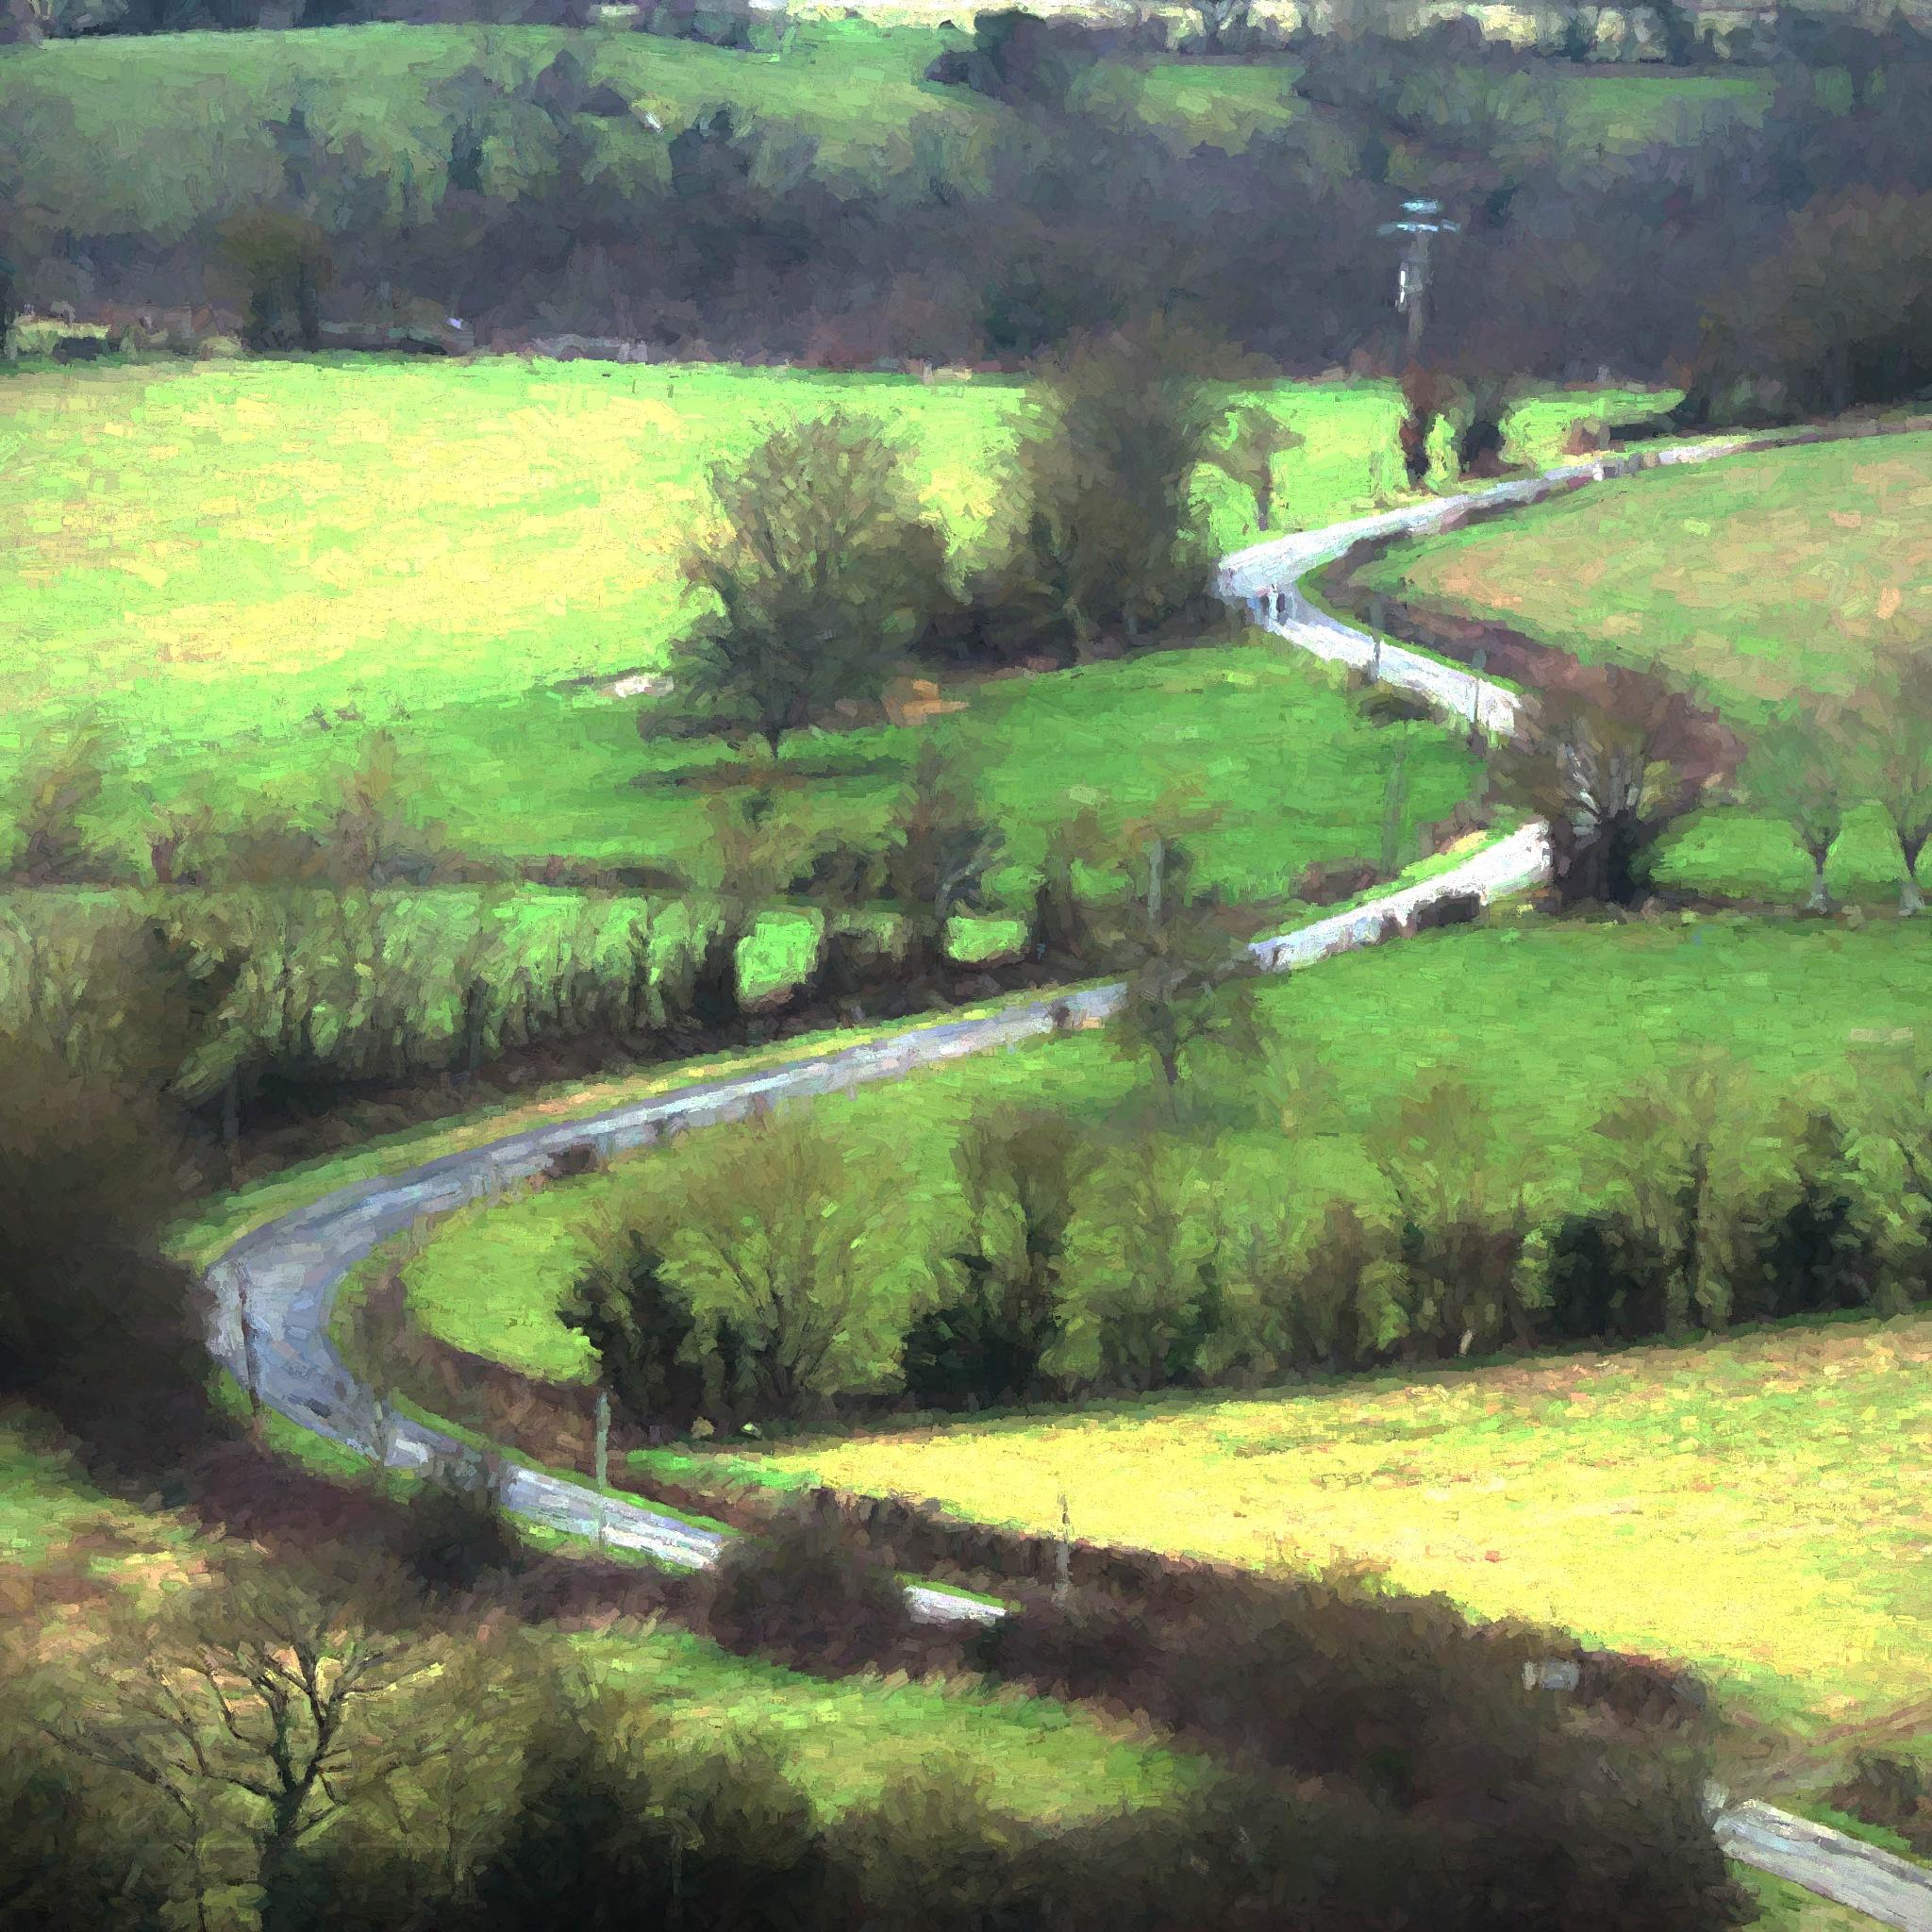 la route by hubert61